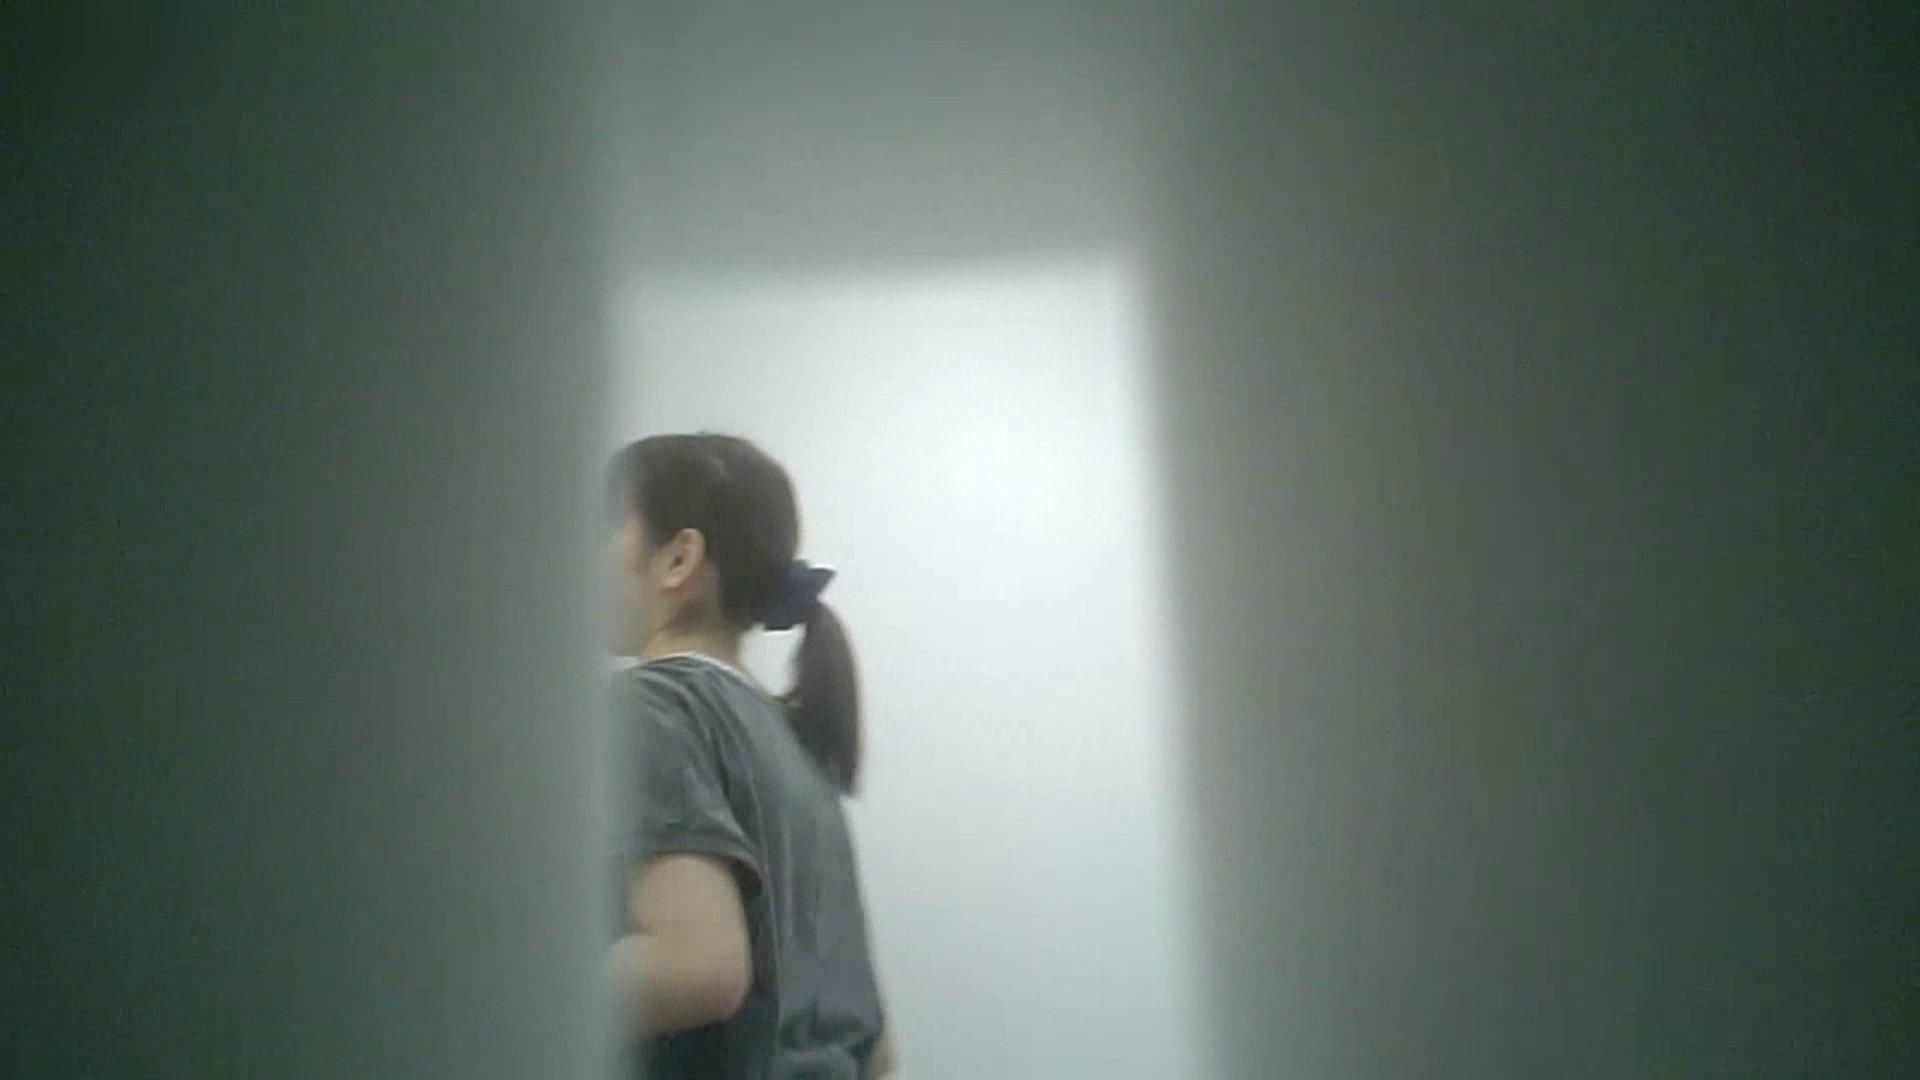 有名大学女性洗面所 vol.45 冴え渡る多方向撮影!職人技です。 OLセックス のぞき濡れ場動画紹介 95画像 52